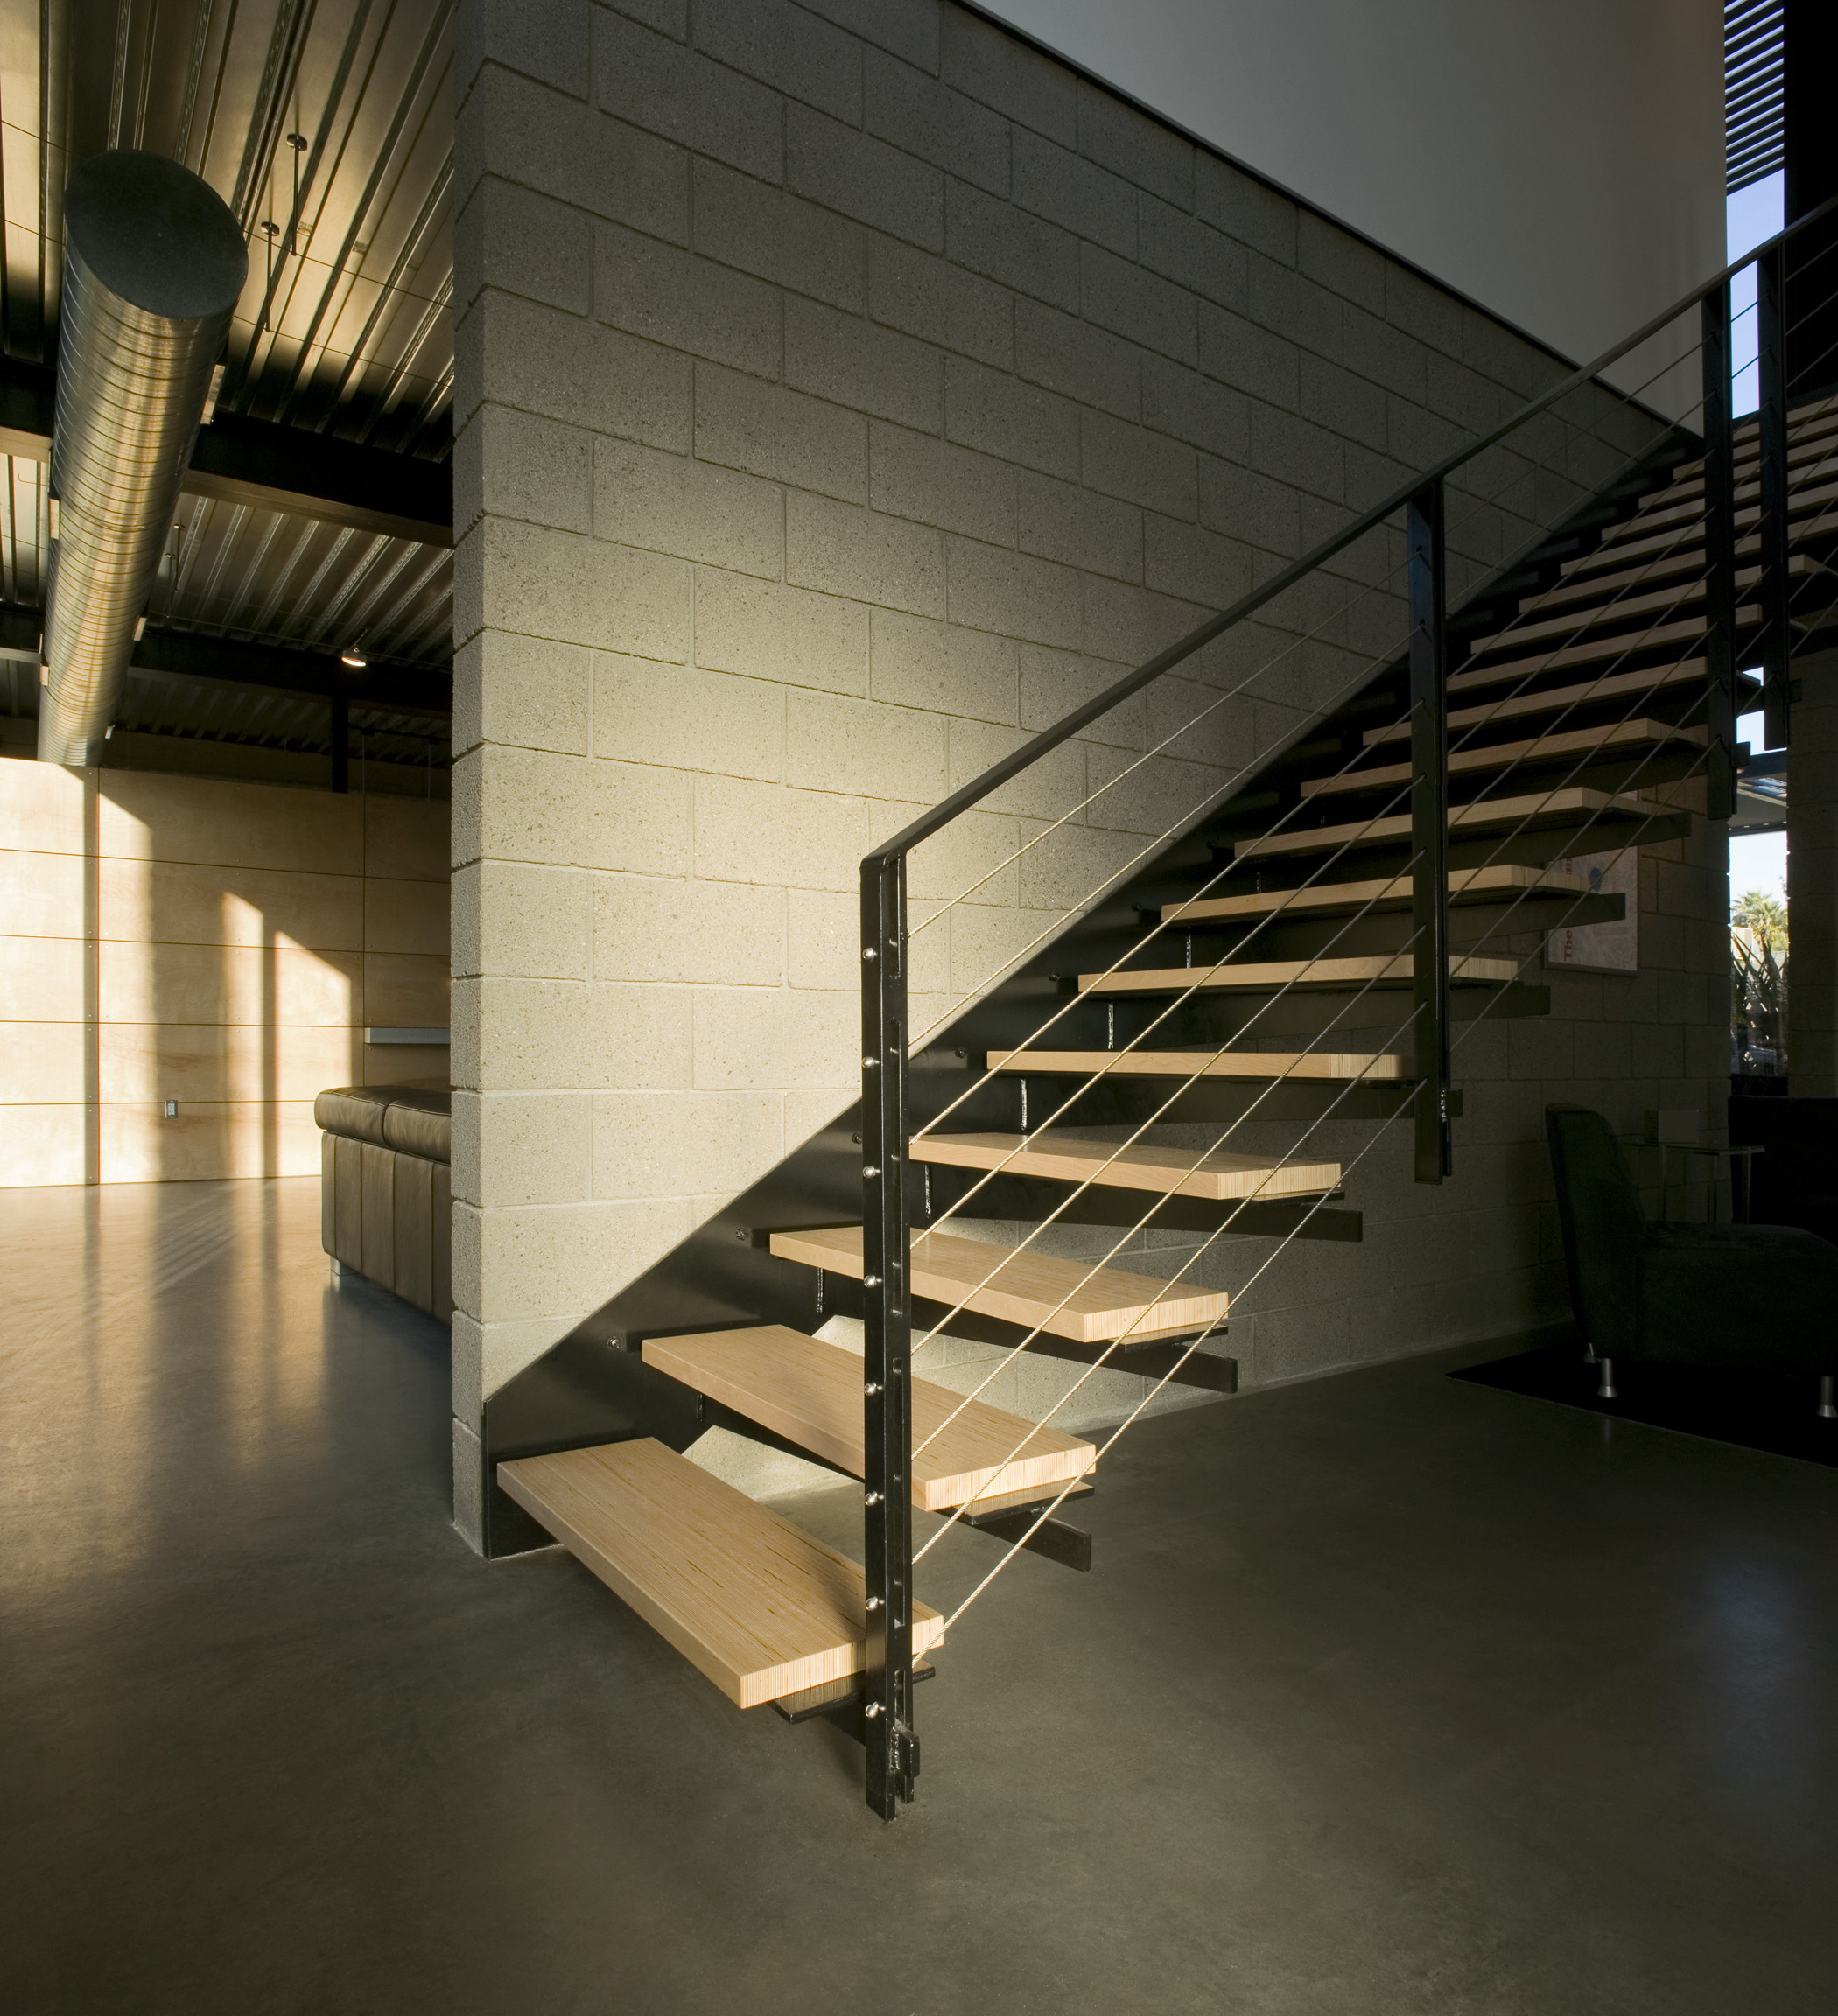 06 Chen + Suchart Studio LLC - Sosnowski Res Image.jpg